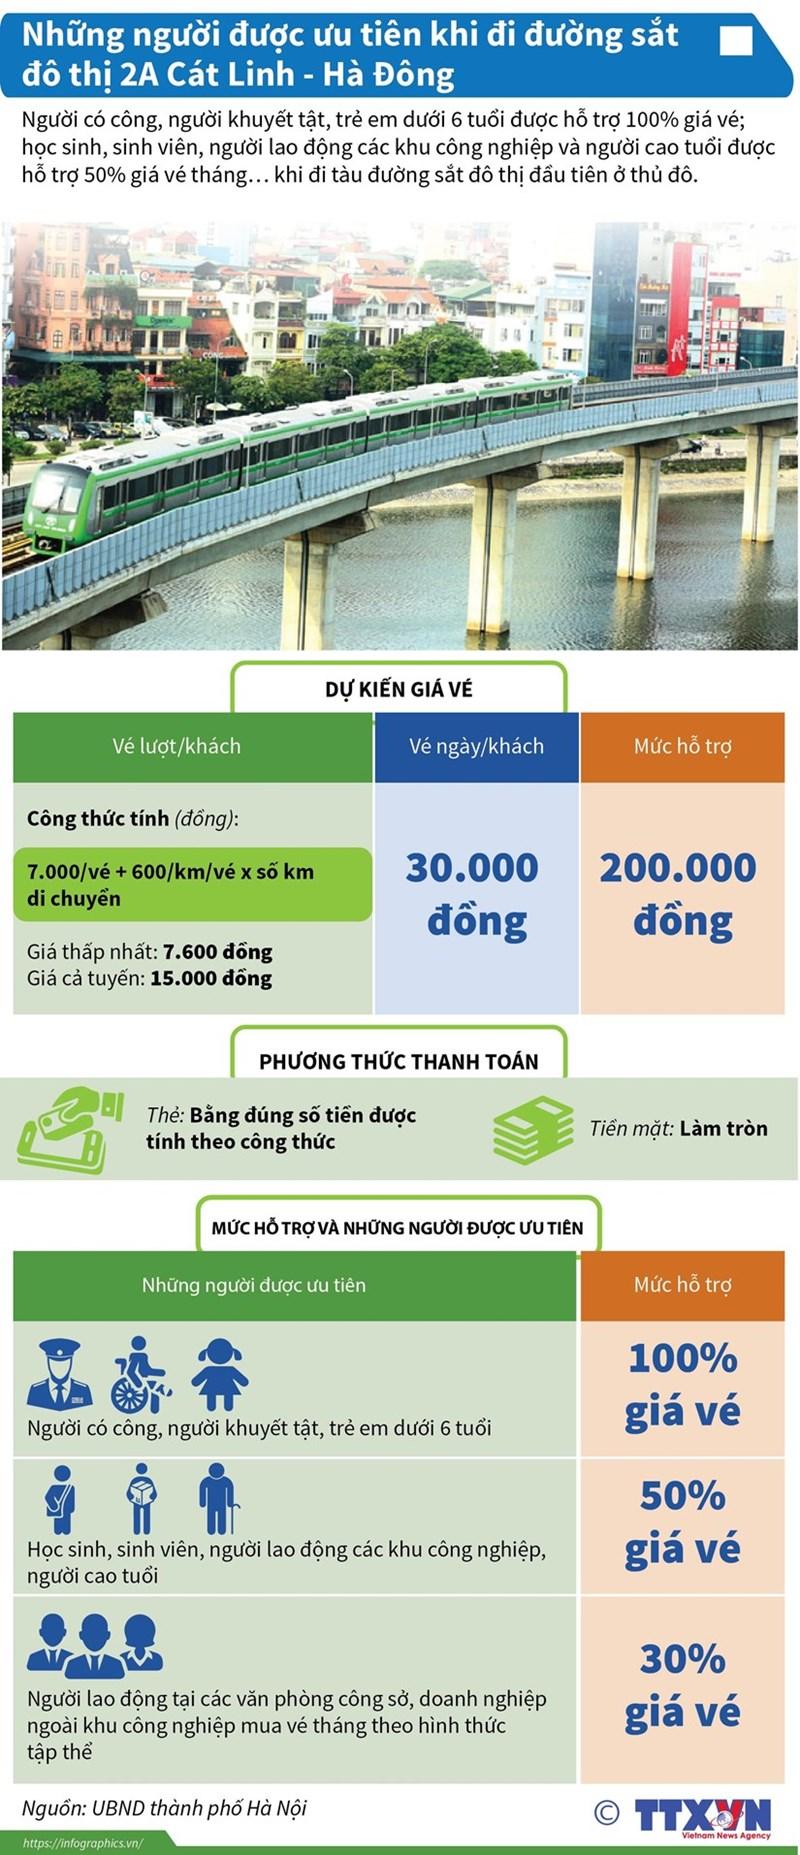 [Infographics] Những người được ưu tiên khi đi đường sắt đô thị Cát Linh-Hà Đông - Ảnh 1